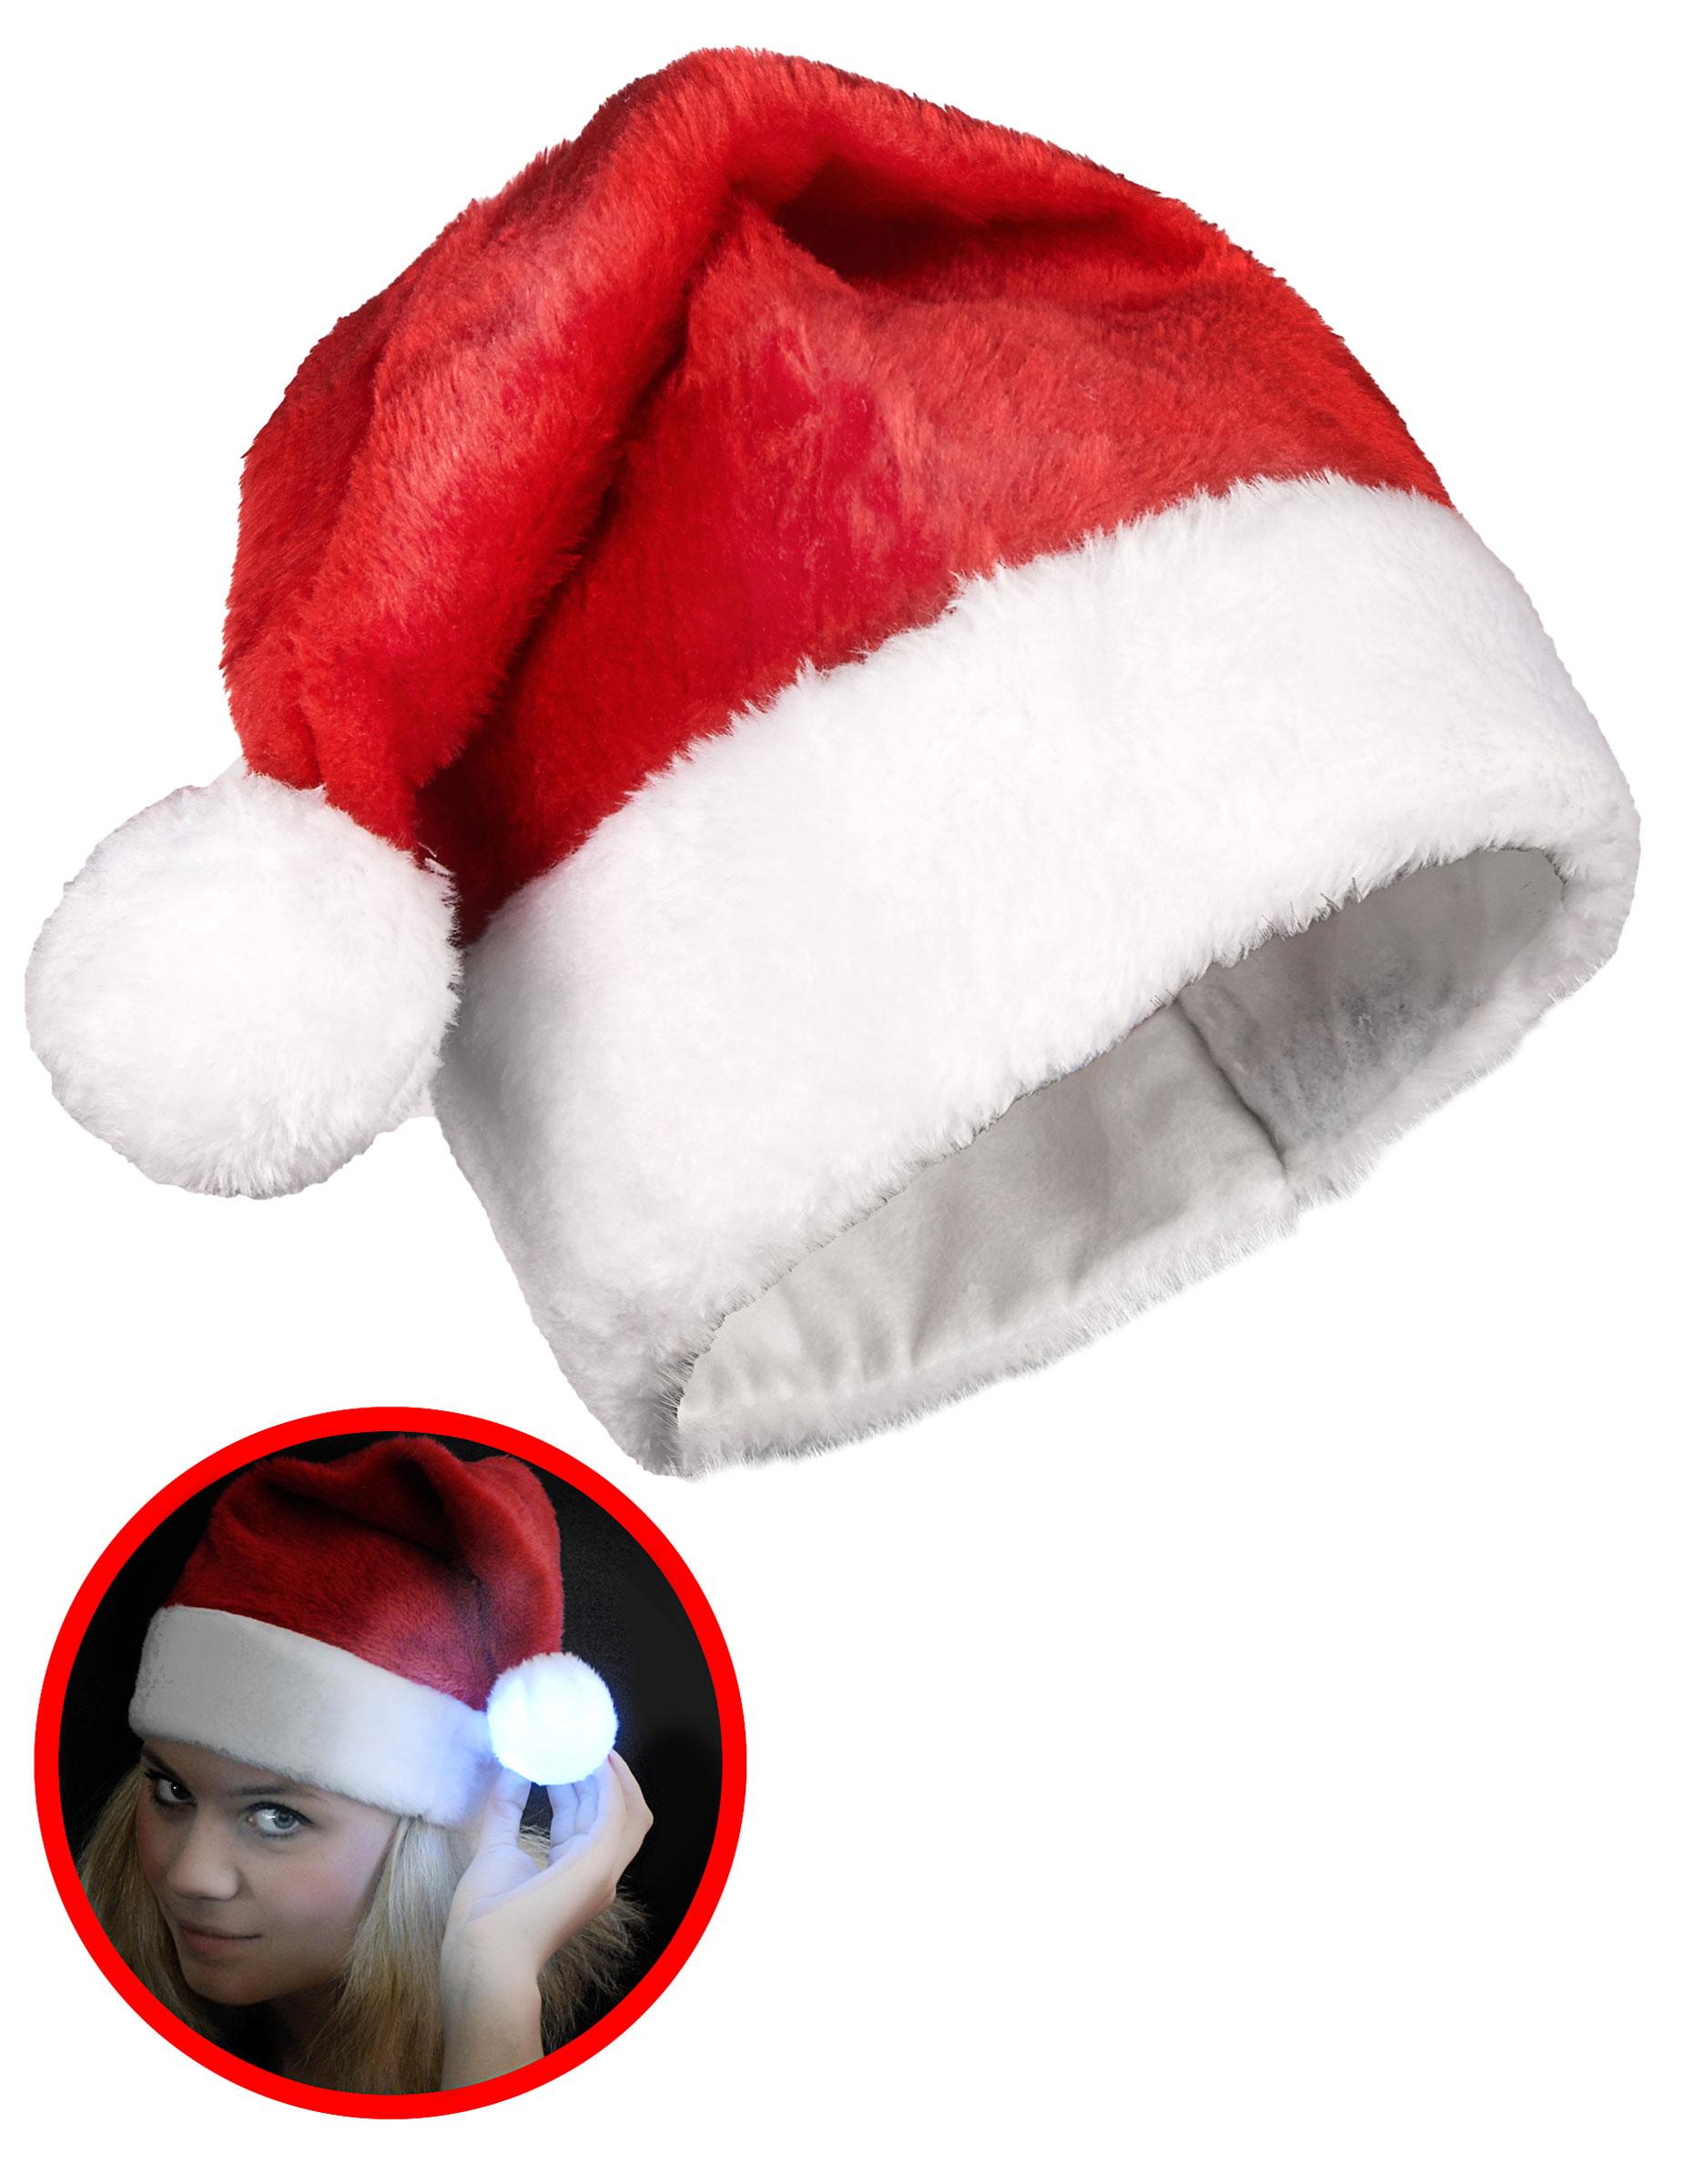 Cappellino di Babbo Natale con pon pon luminoso  Cappelli a2d308b12ff0